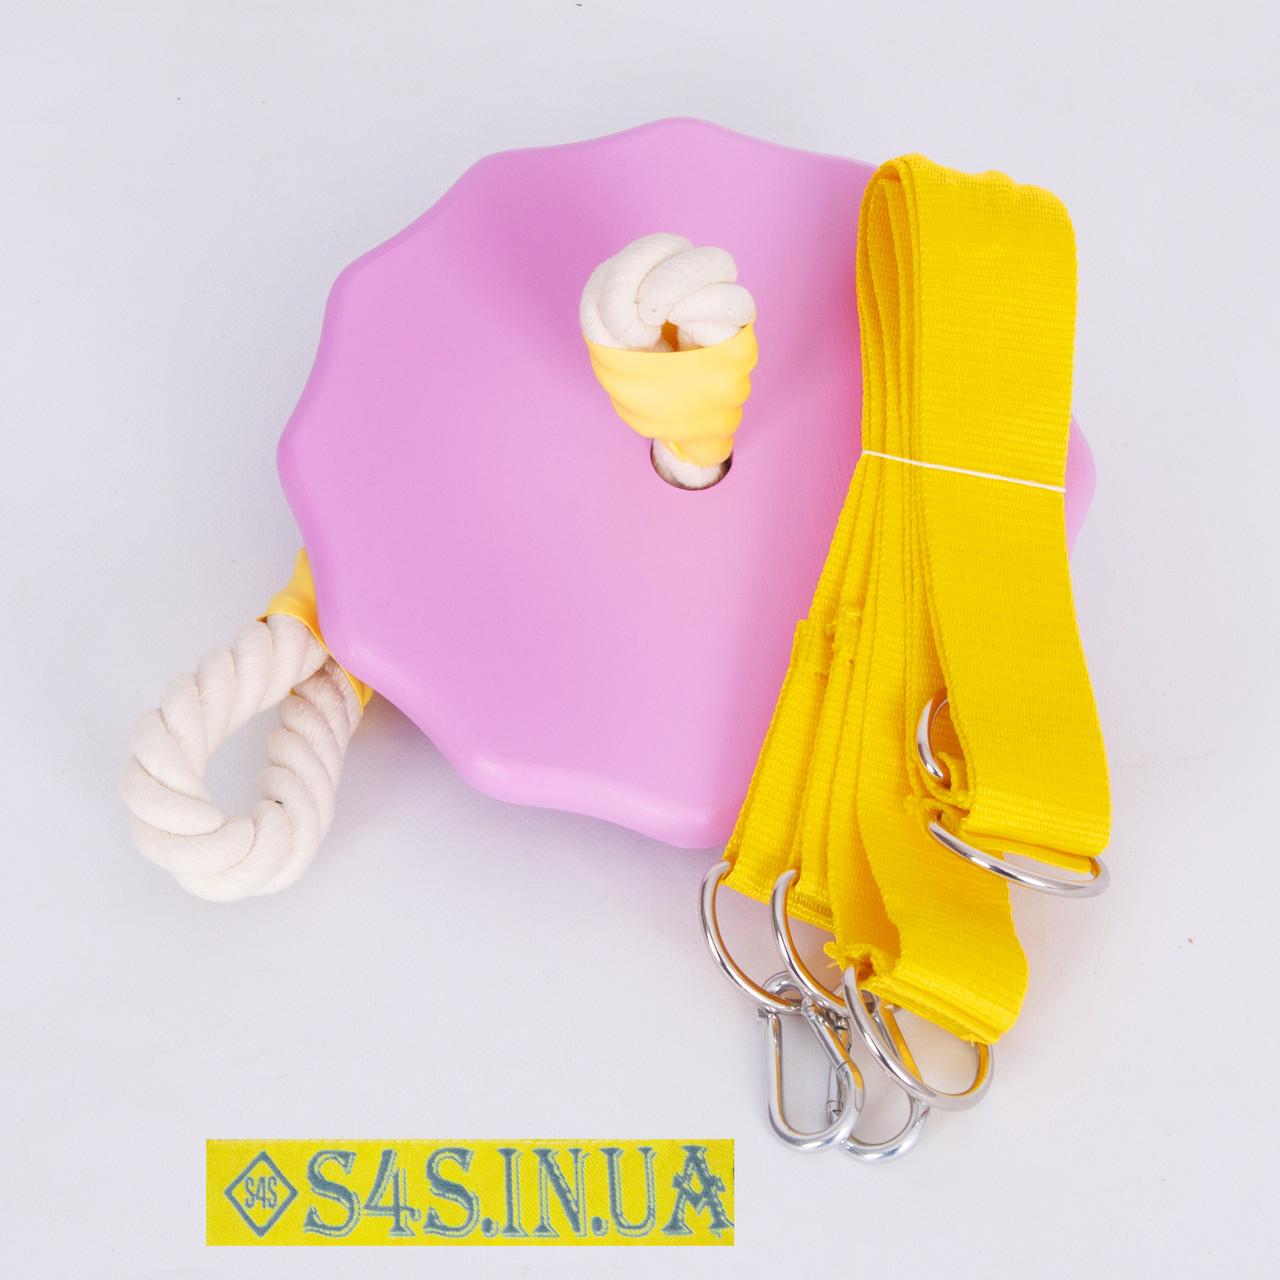 Тарзанка качеля детская спортивная из дерева подвесная «ЭЛИТ», гимнастическая, для улицы, роза